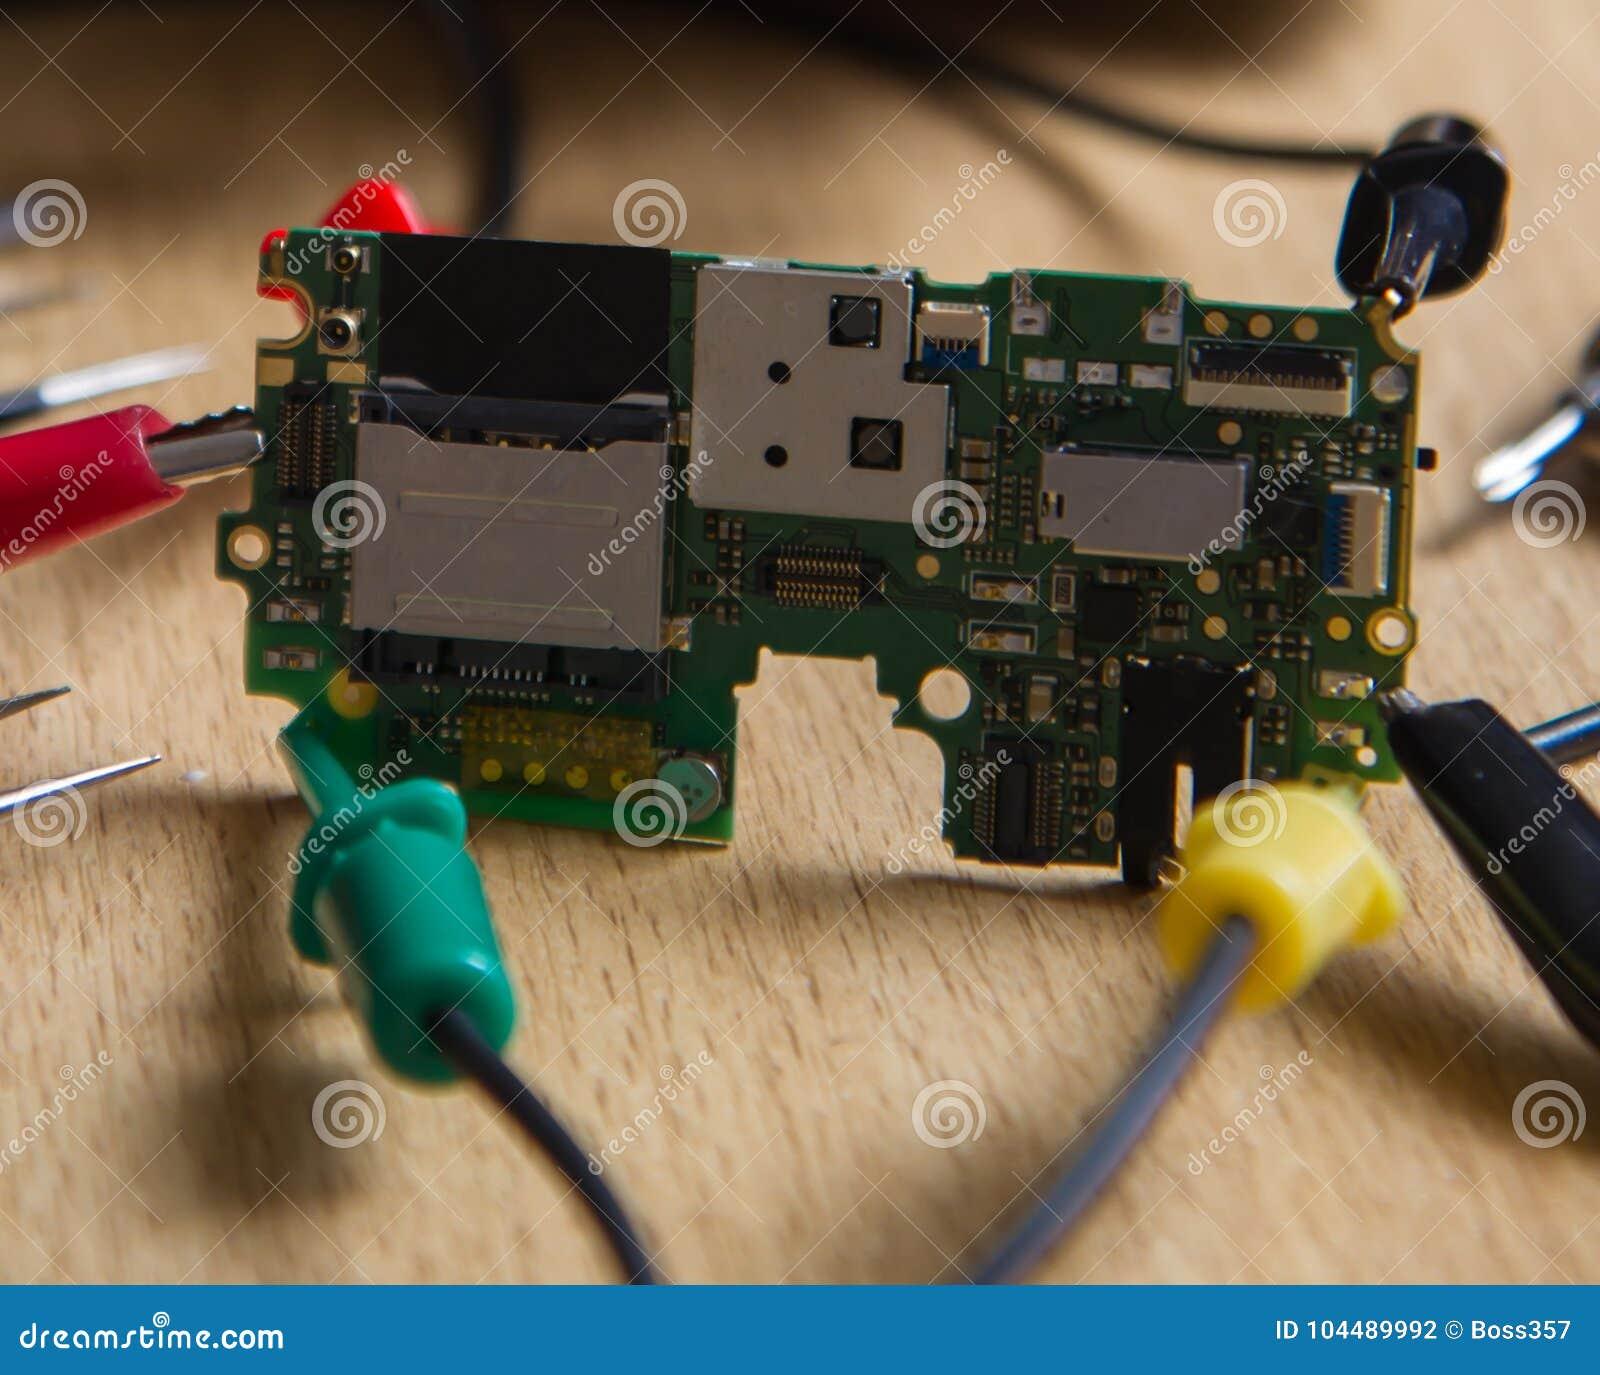 Professional Repair Test Printed Circuit Board Stock Photo Image